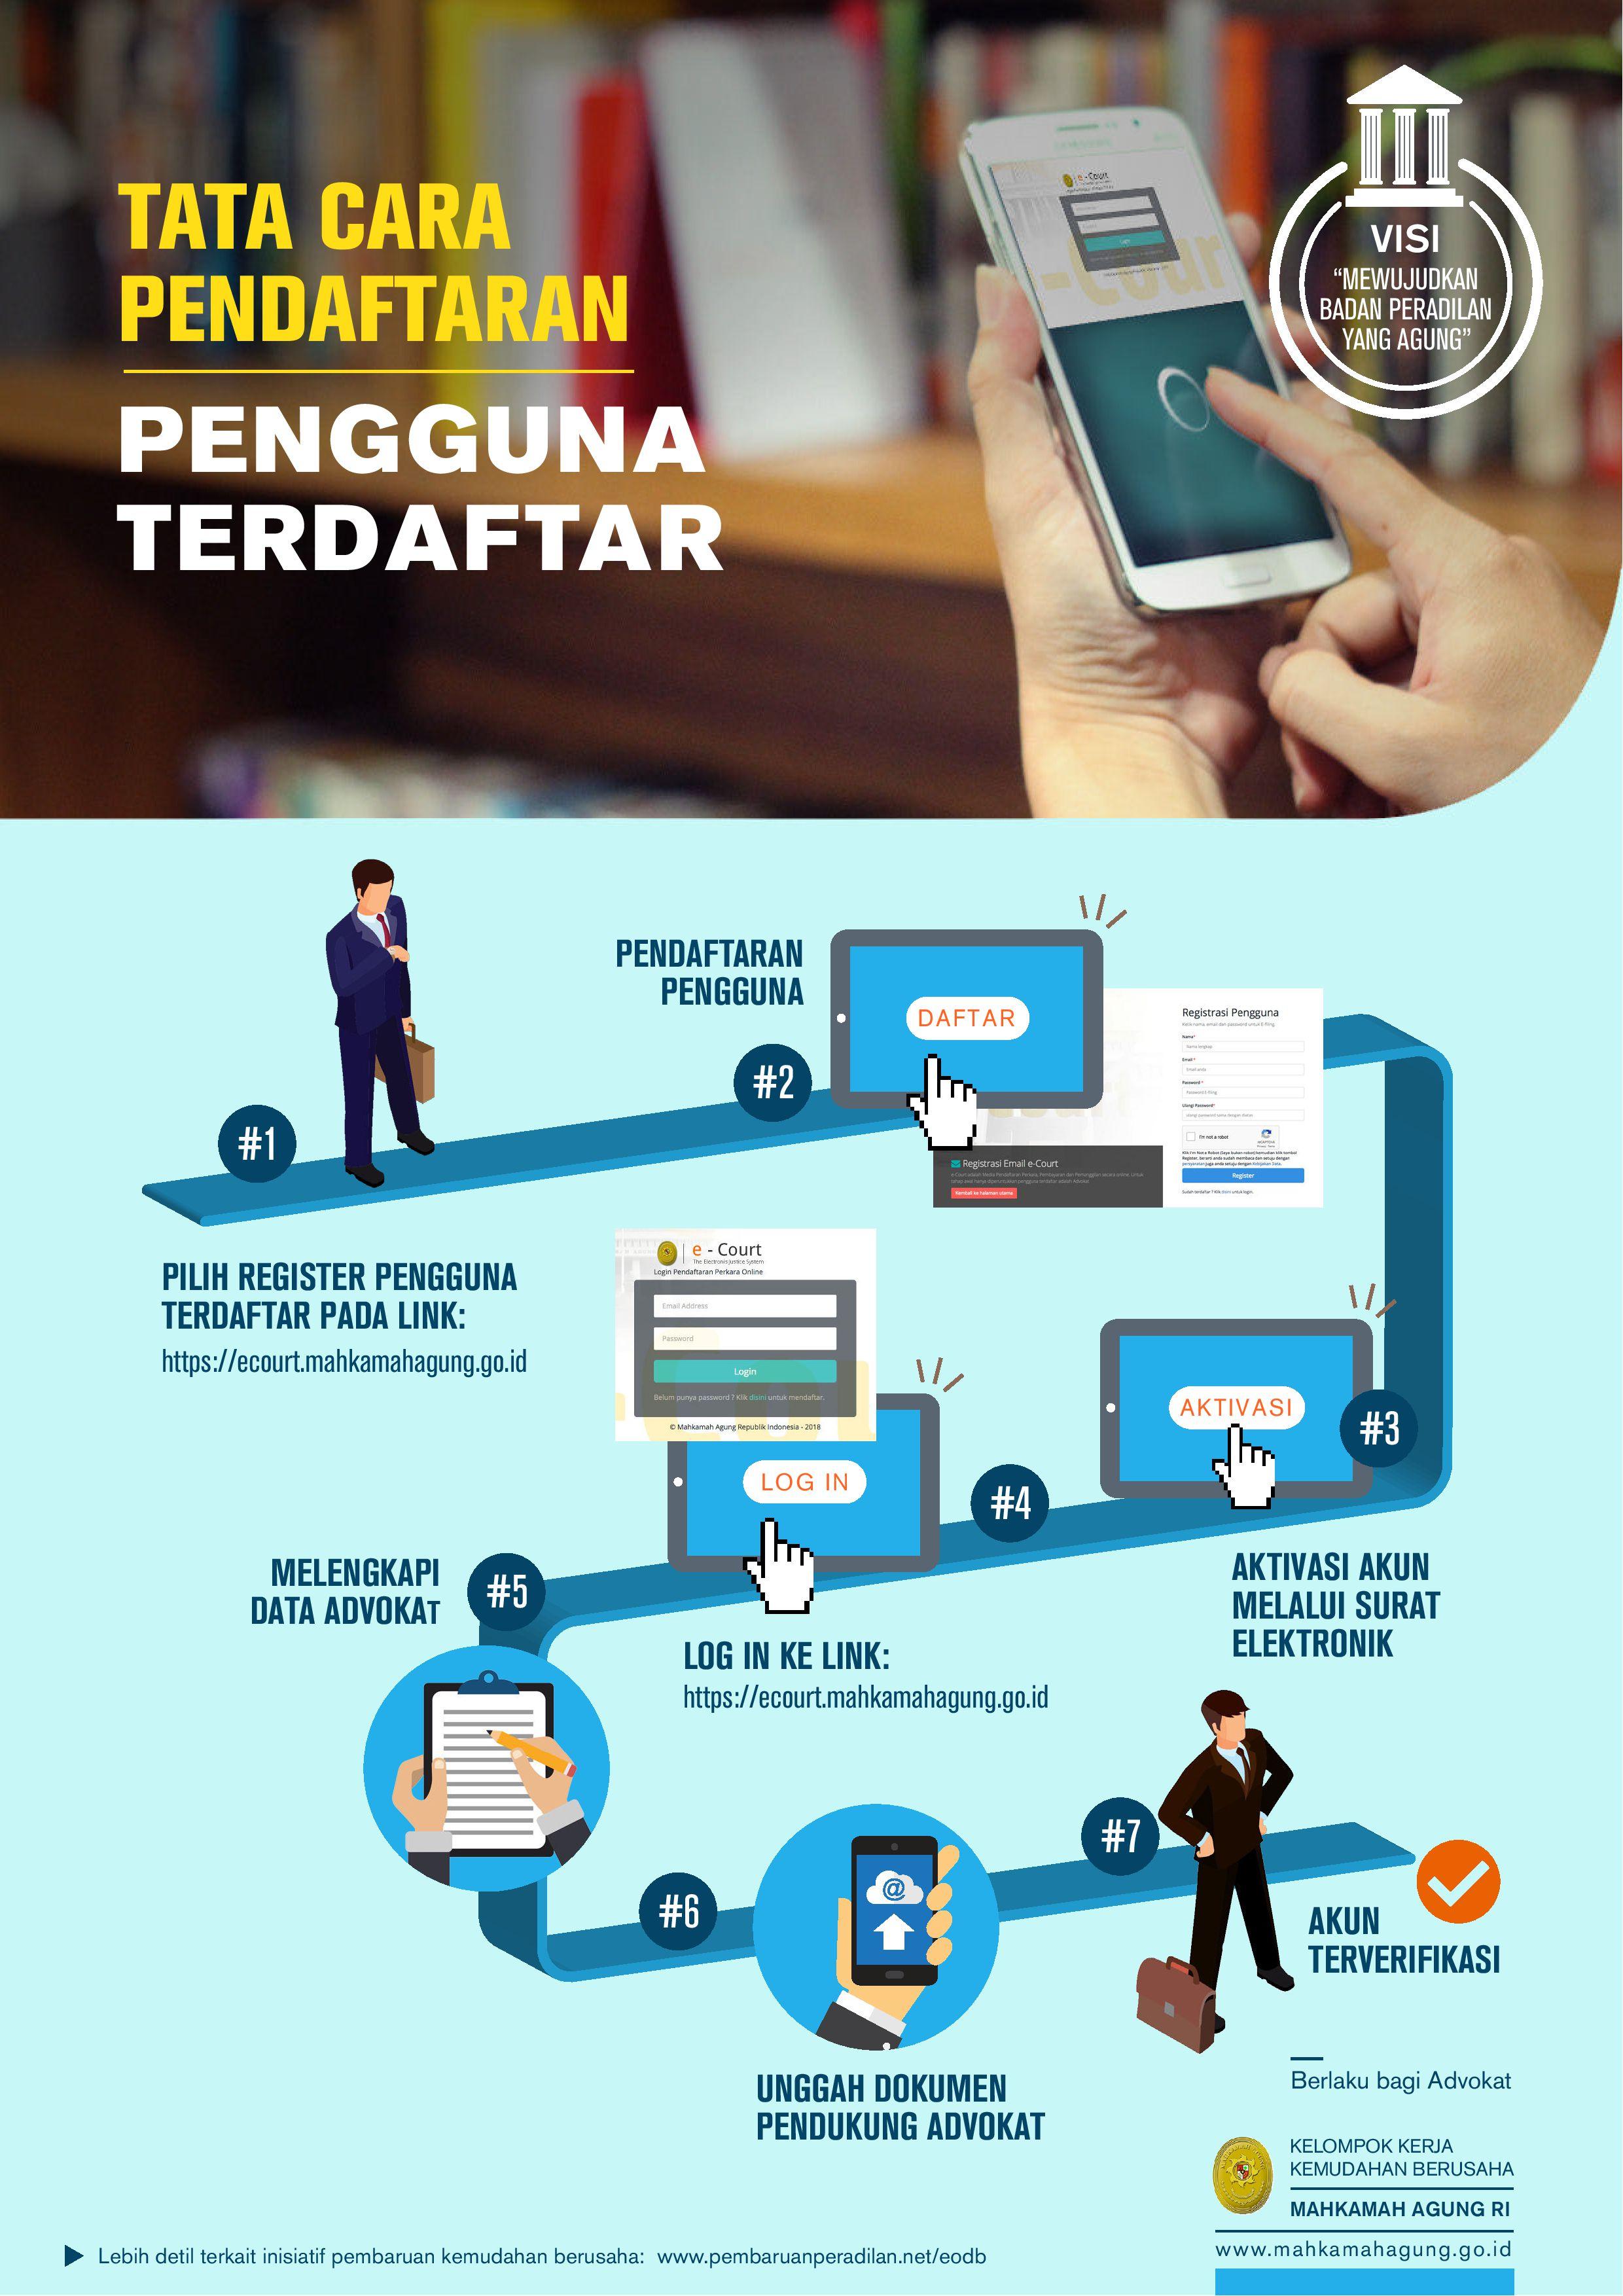 Infographic-Pembaruan_Peradilan-MA-Compiled_2020_06